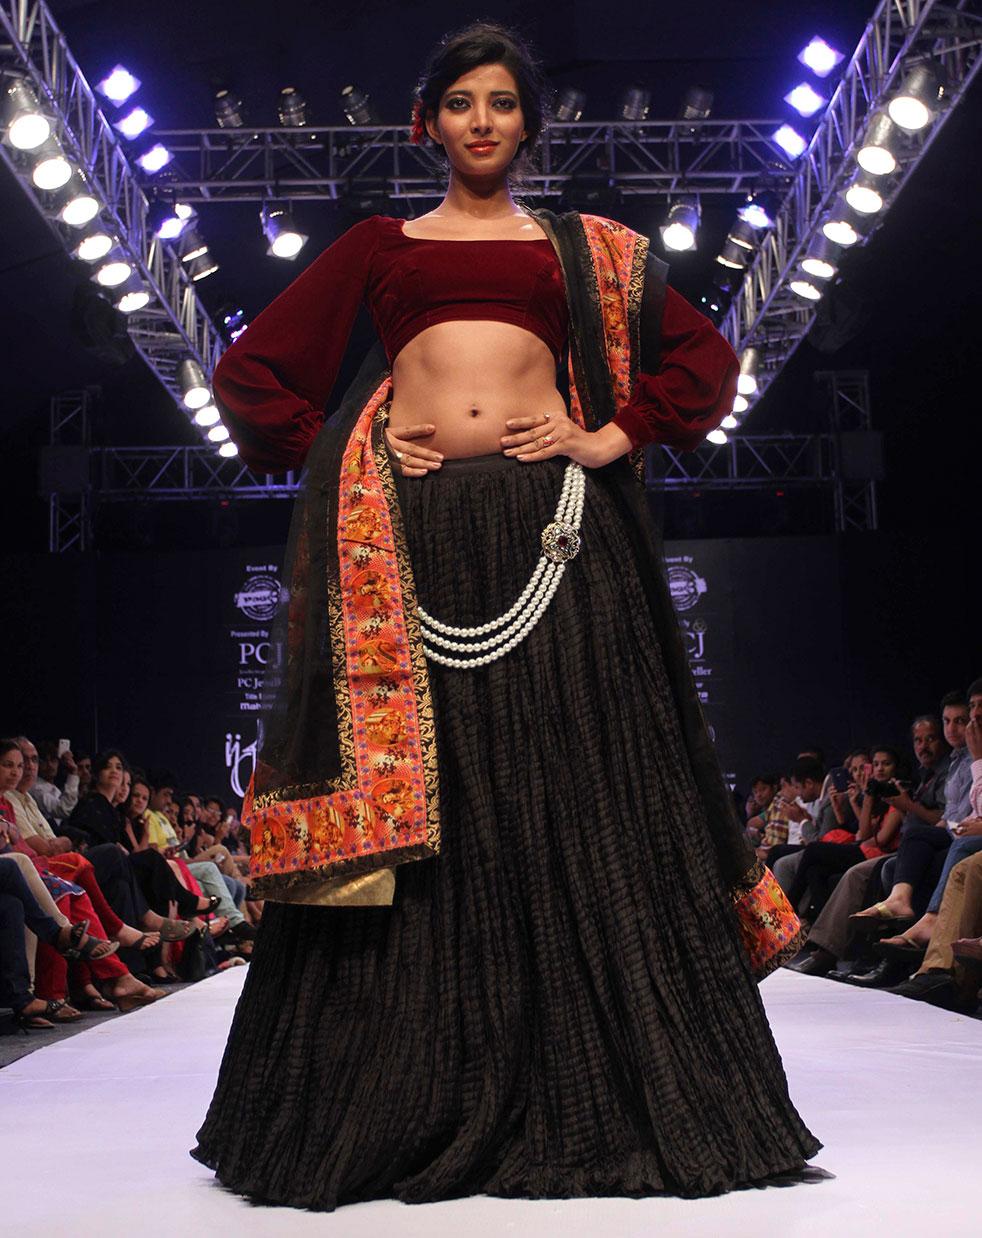 अहमदाबाद में ज्वेलरी फैशन वीक के दौरान रैंप पर एक मॉडल।